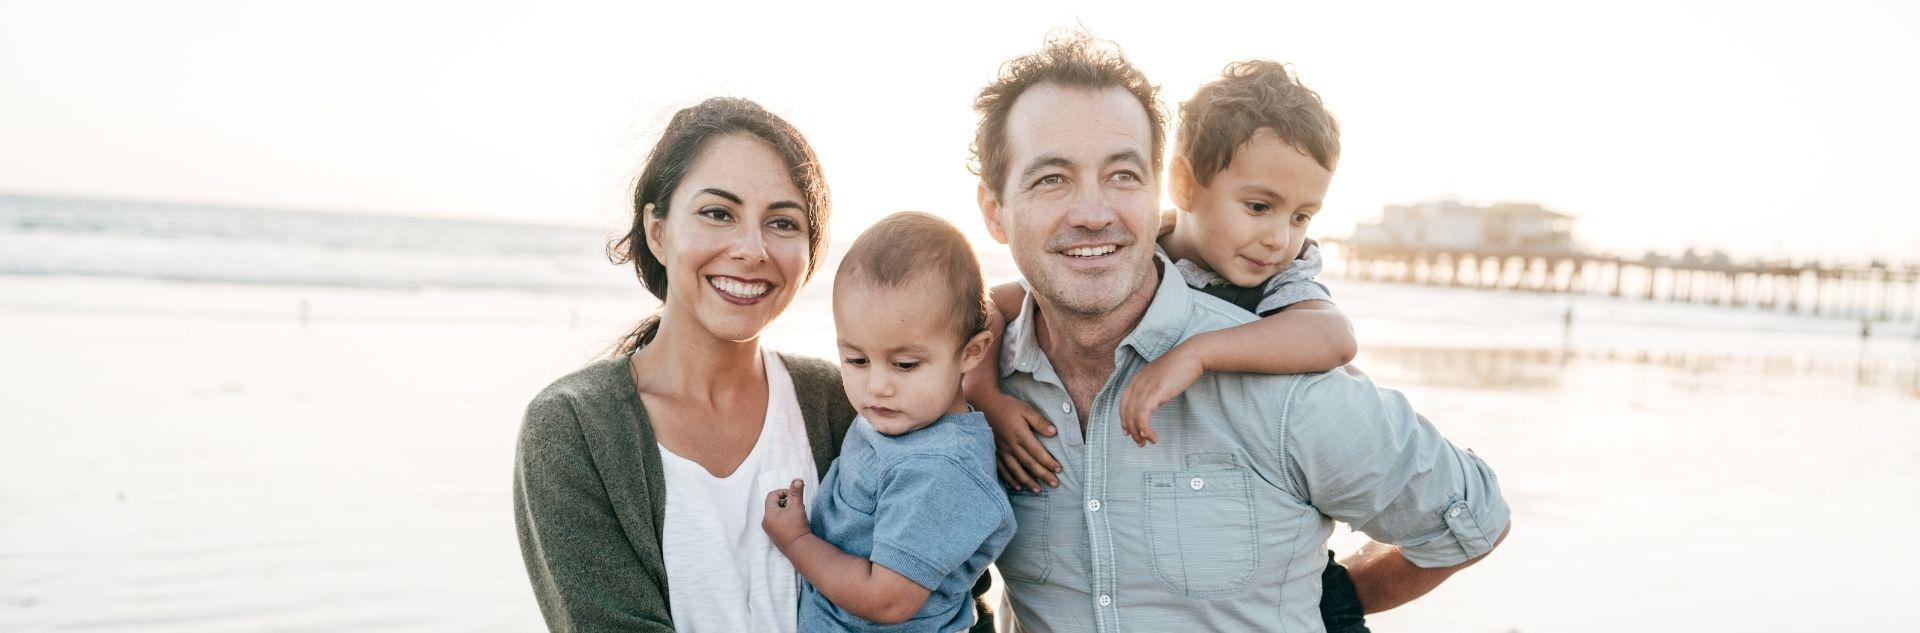 Reisen mit Kindern - Glückliche Familie